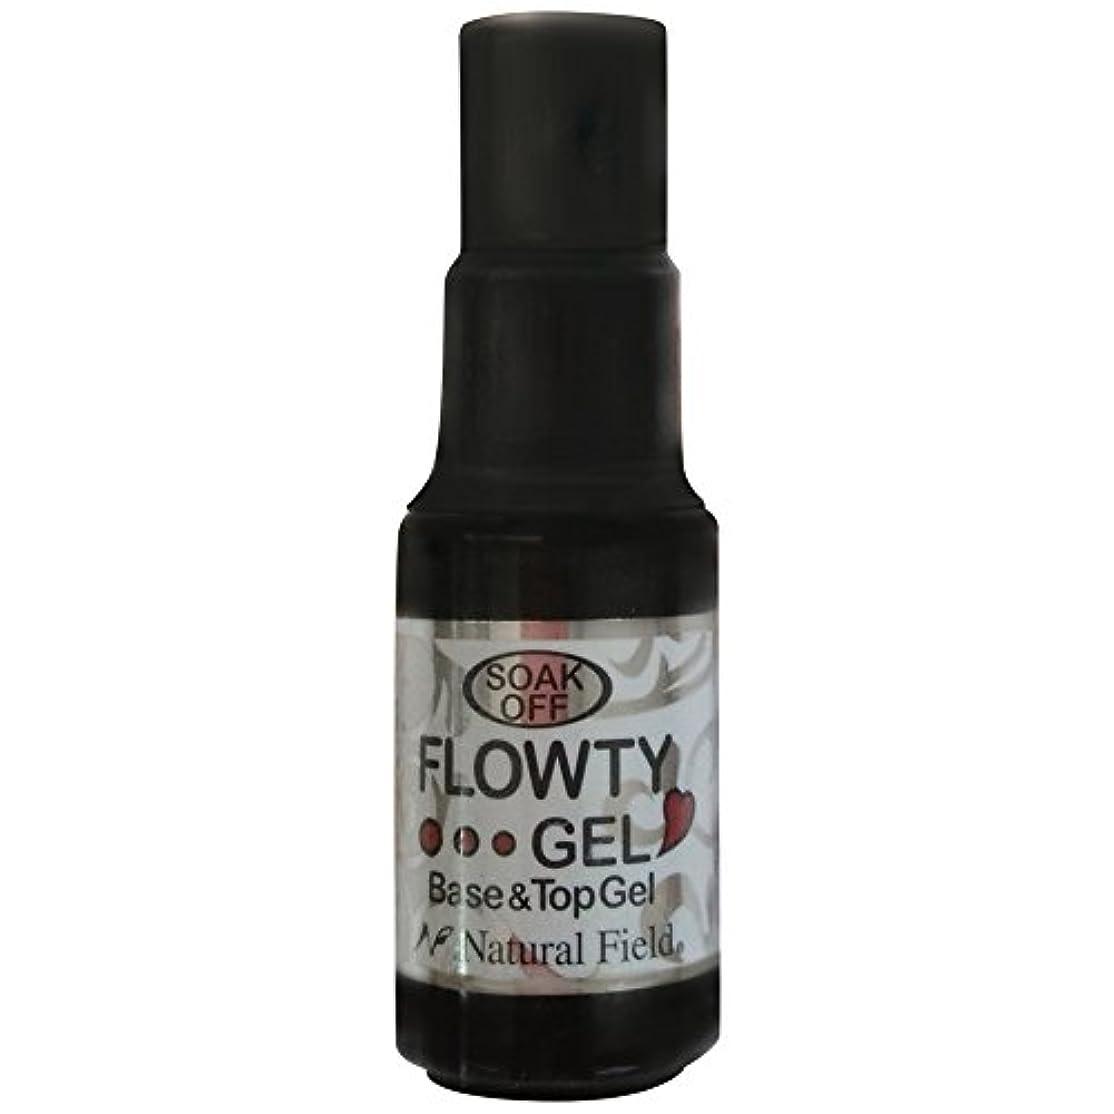 豆誘惑予定Natural Field Melty Gel フローティジェル 4100 ベース&トップジェル 7ml